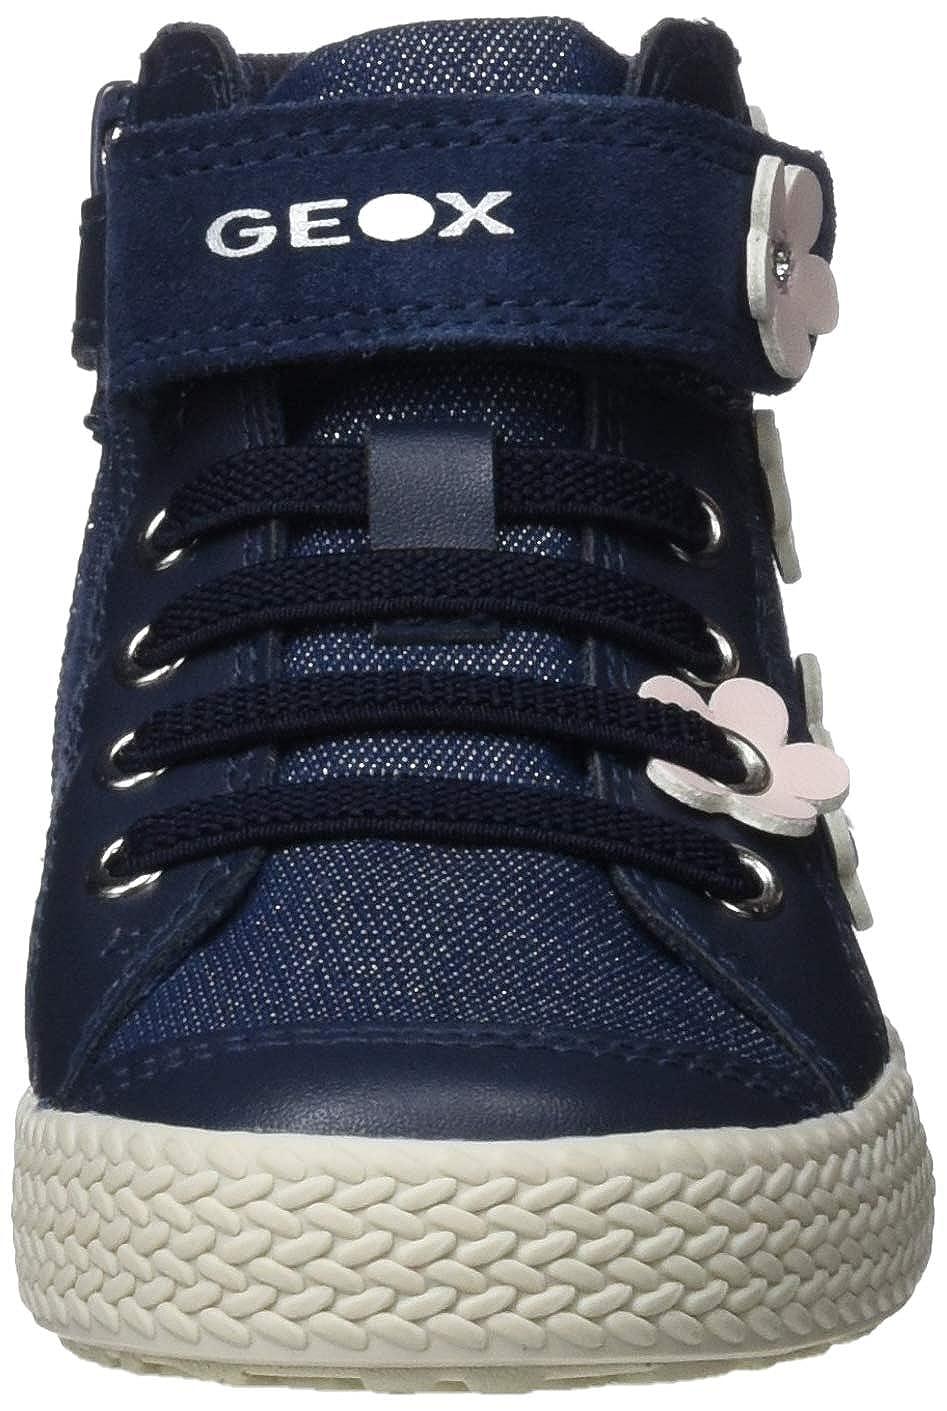 Zapatillas para Beb/és Geox B Kilwi Girl B